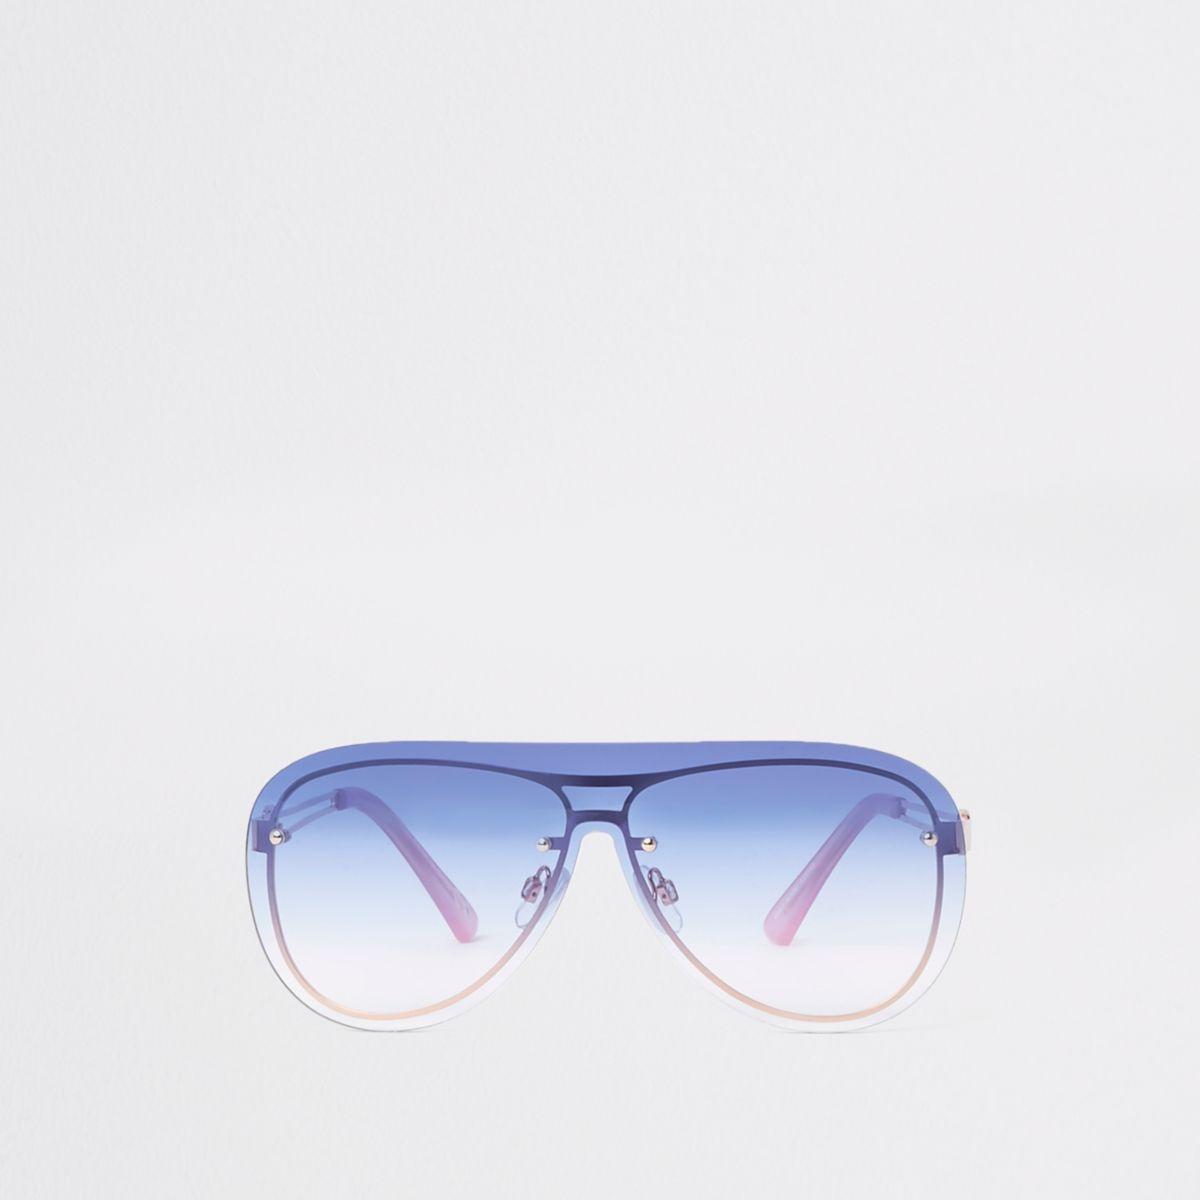 Rose gold tone blue lens aviator sunglasses